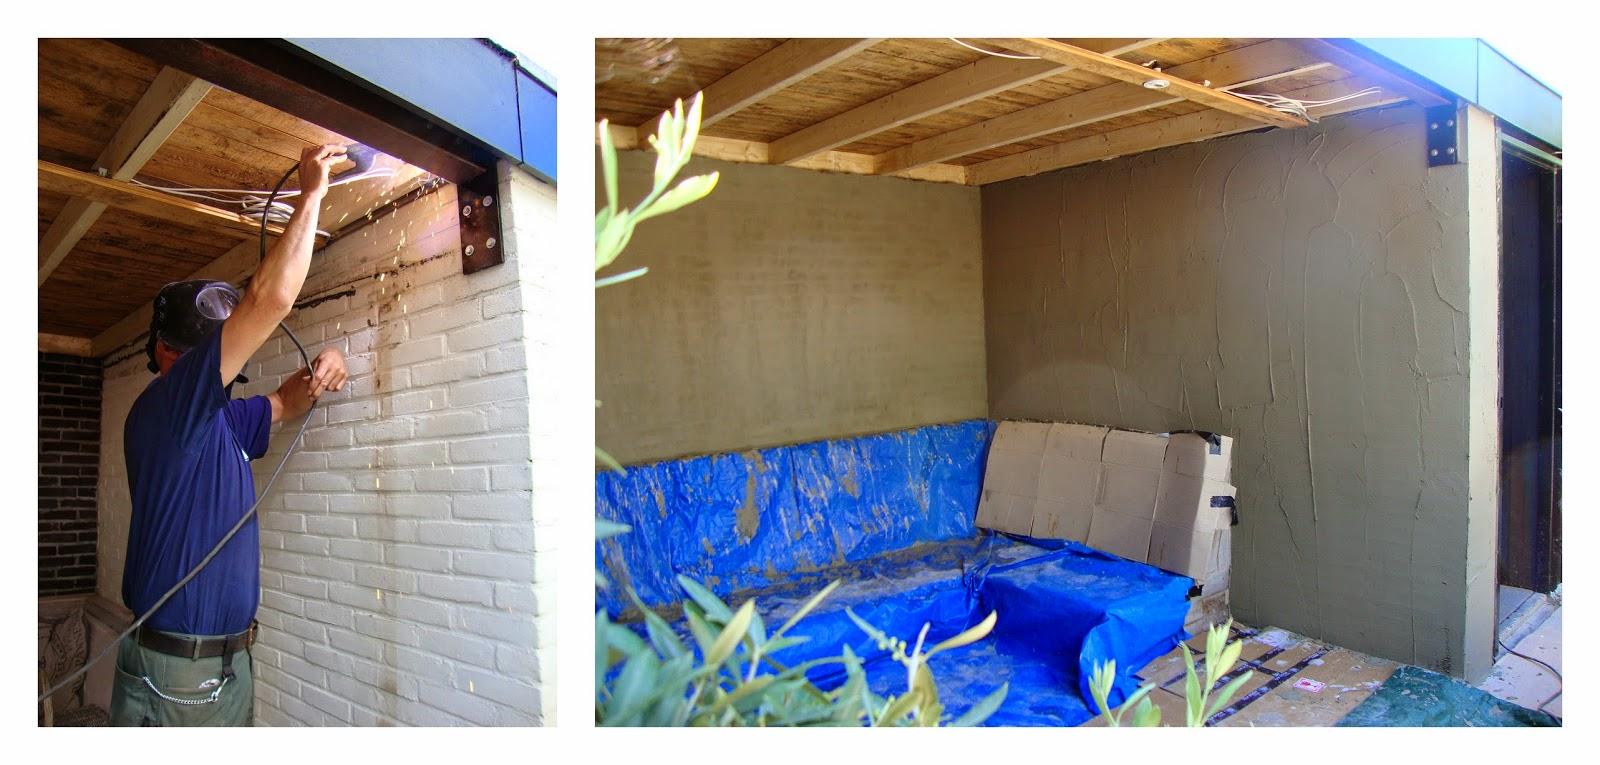 De zandhut feedage 10541611 - Veranda met muur ...